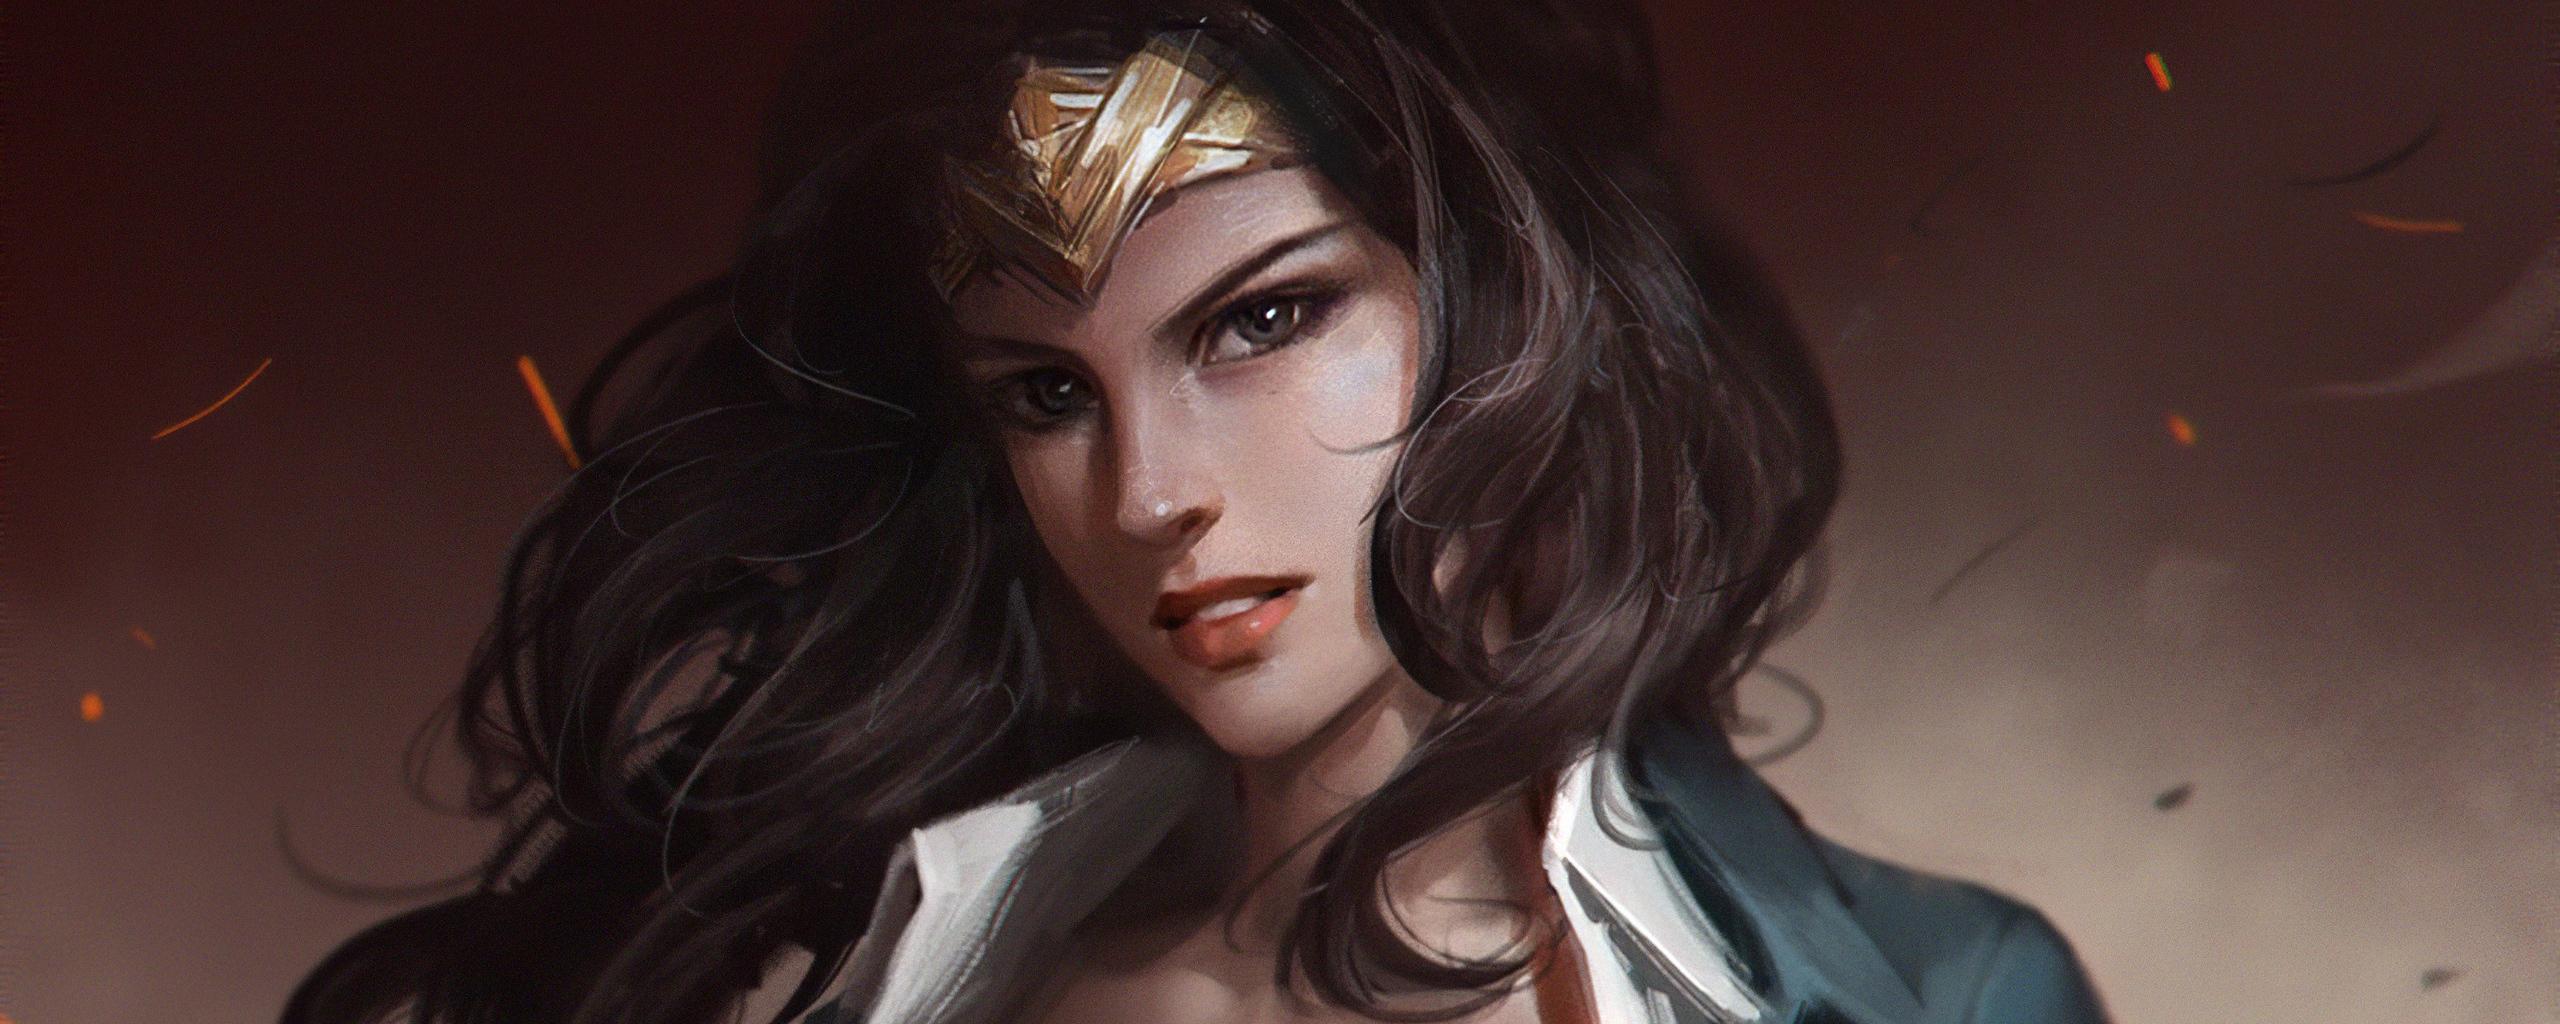 wonder-woman-angry-art-cr.jpg